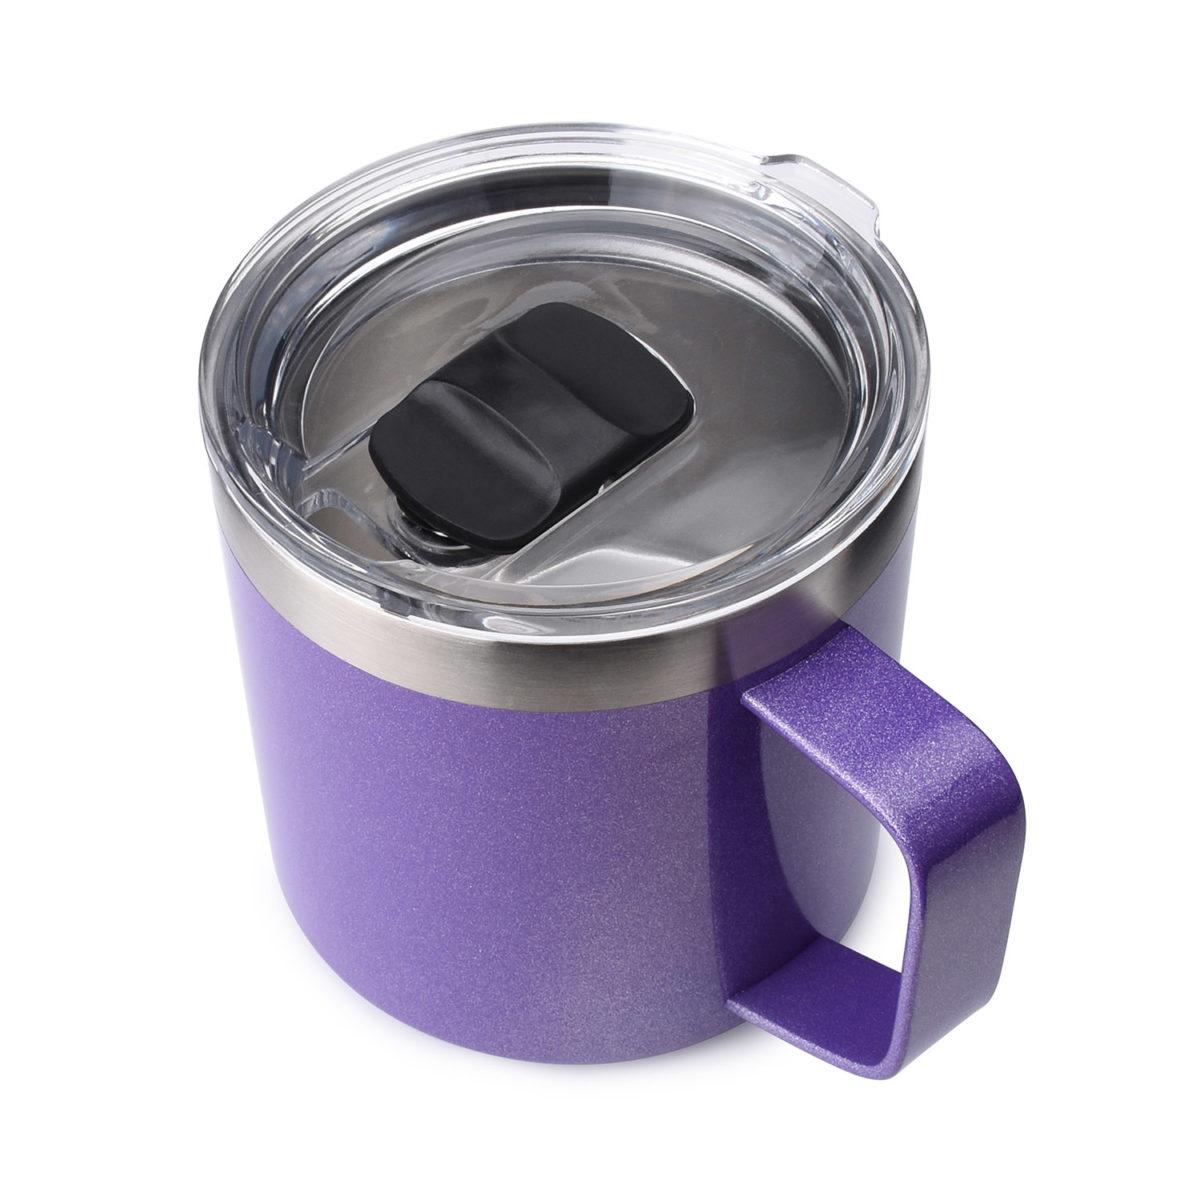 er 14 oz mug with magslider lid